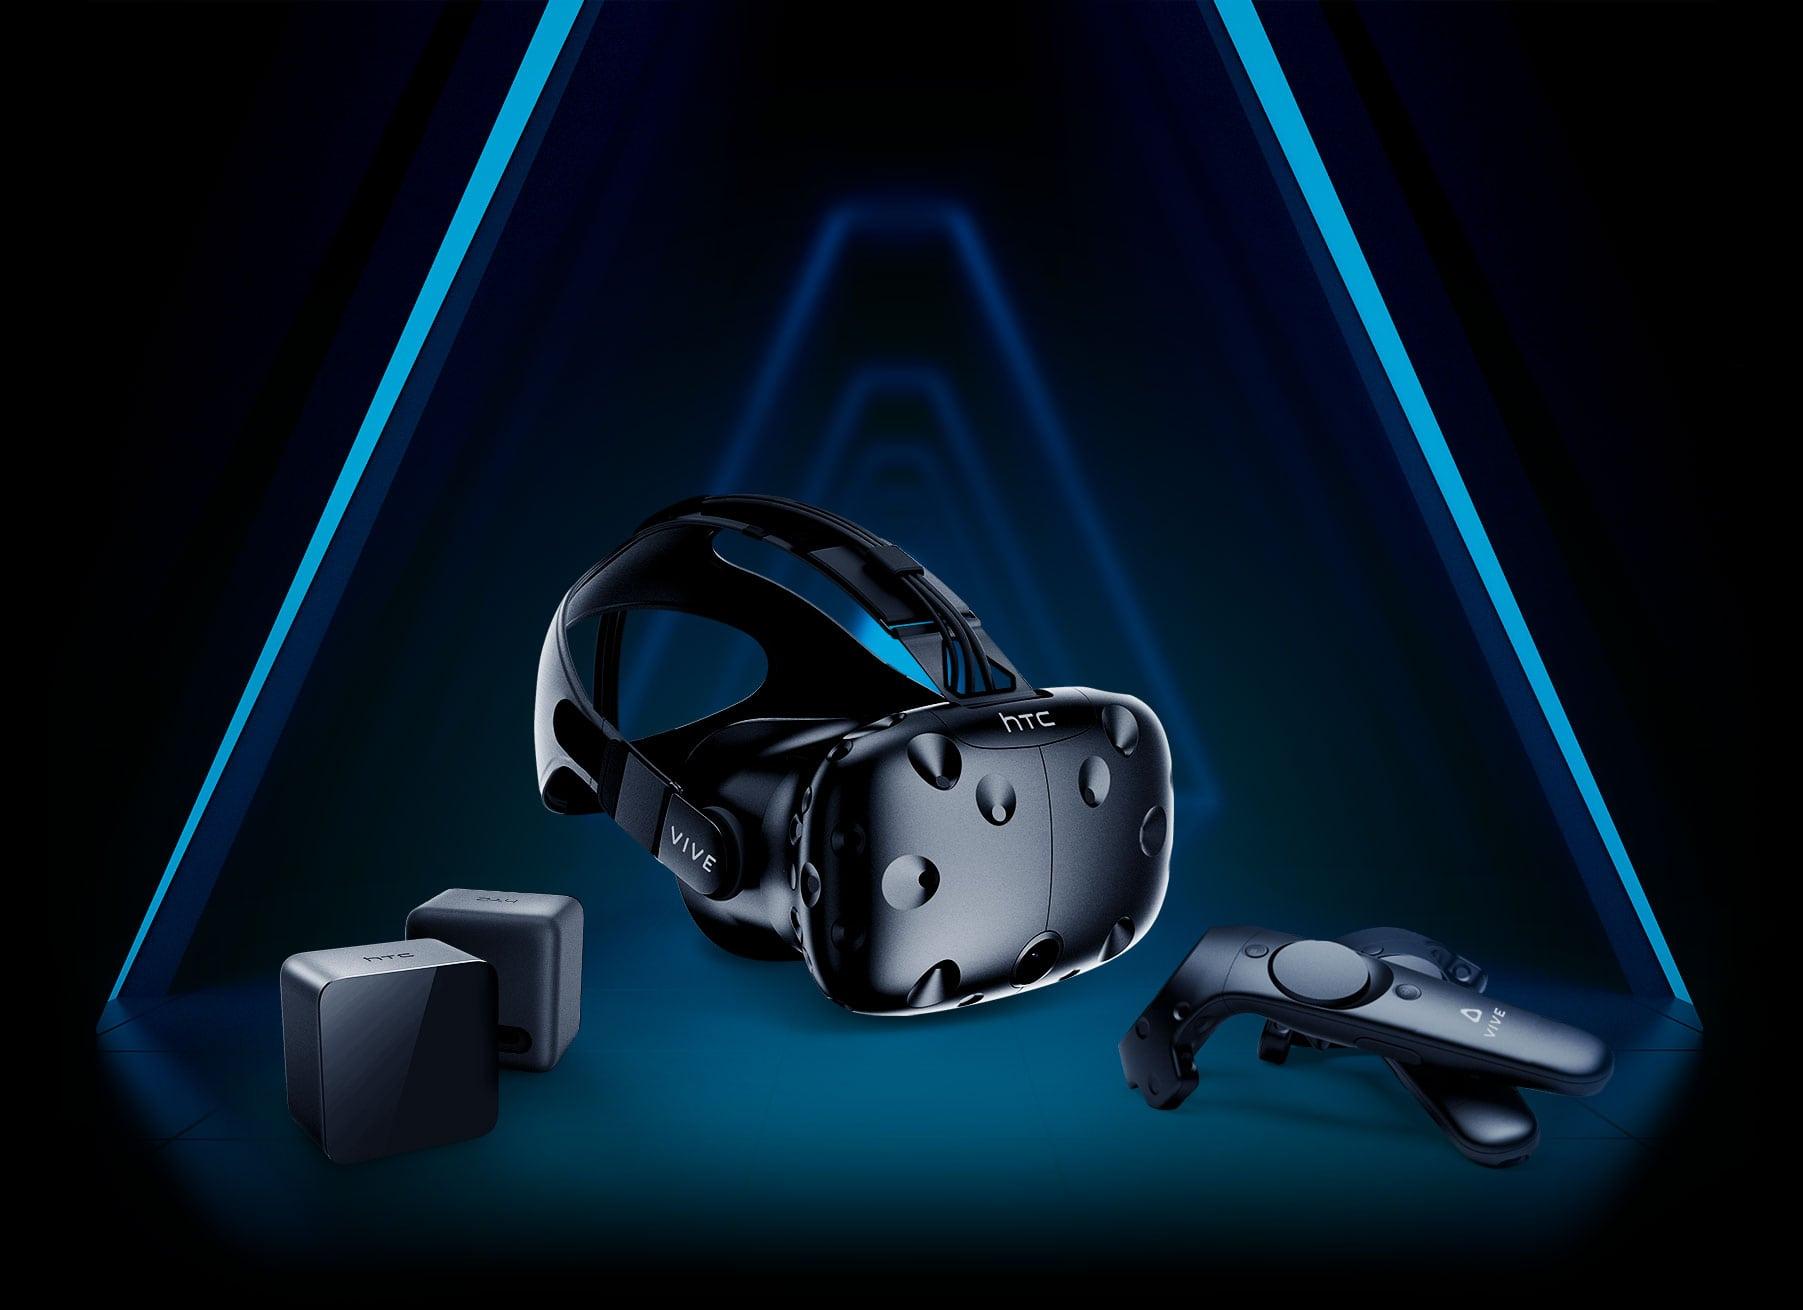 834daec16 نظارة الواقع الافتراضي HTC Vive الحالية متوفرة بسعر 500 دولار بدلاص من 600  دولار